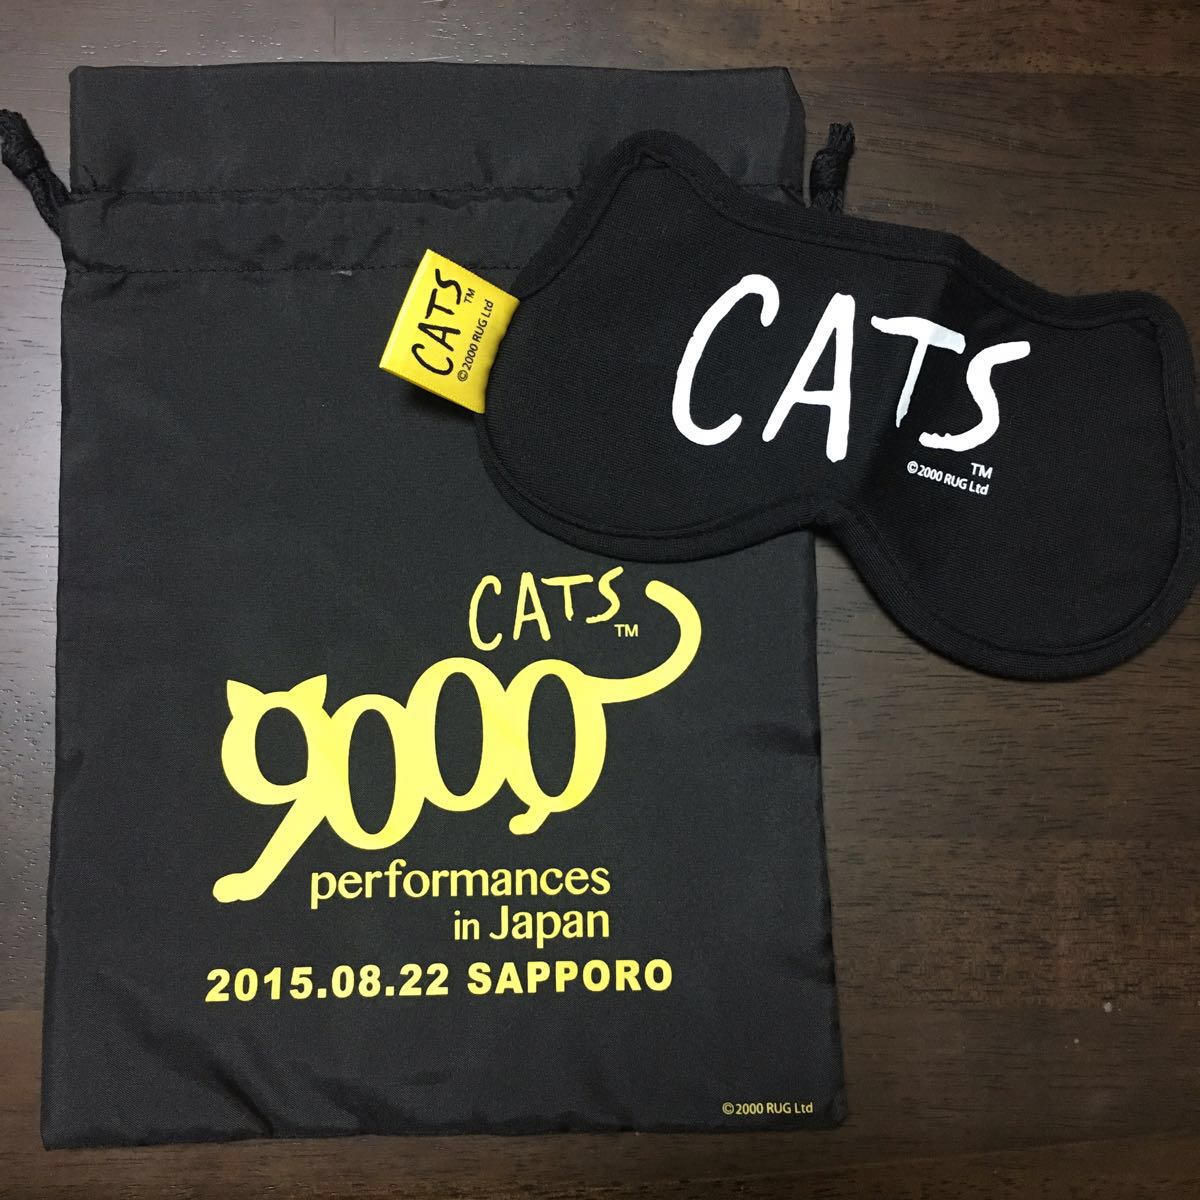 【未使用】劇団四季 キャッツ CATS 日本上演9000回記念 アイマスク ポーチ 2点セット